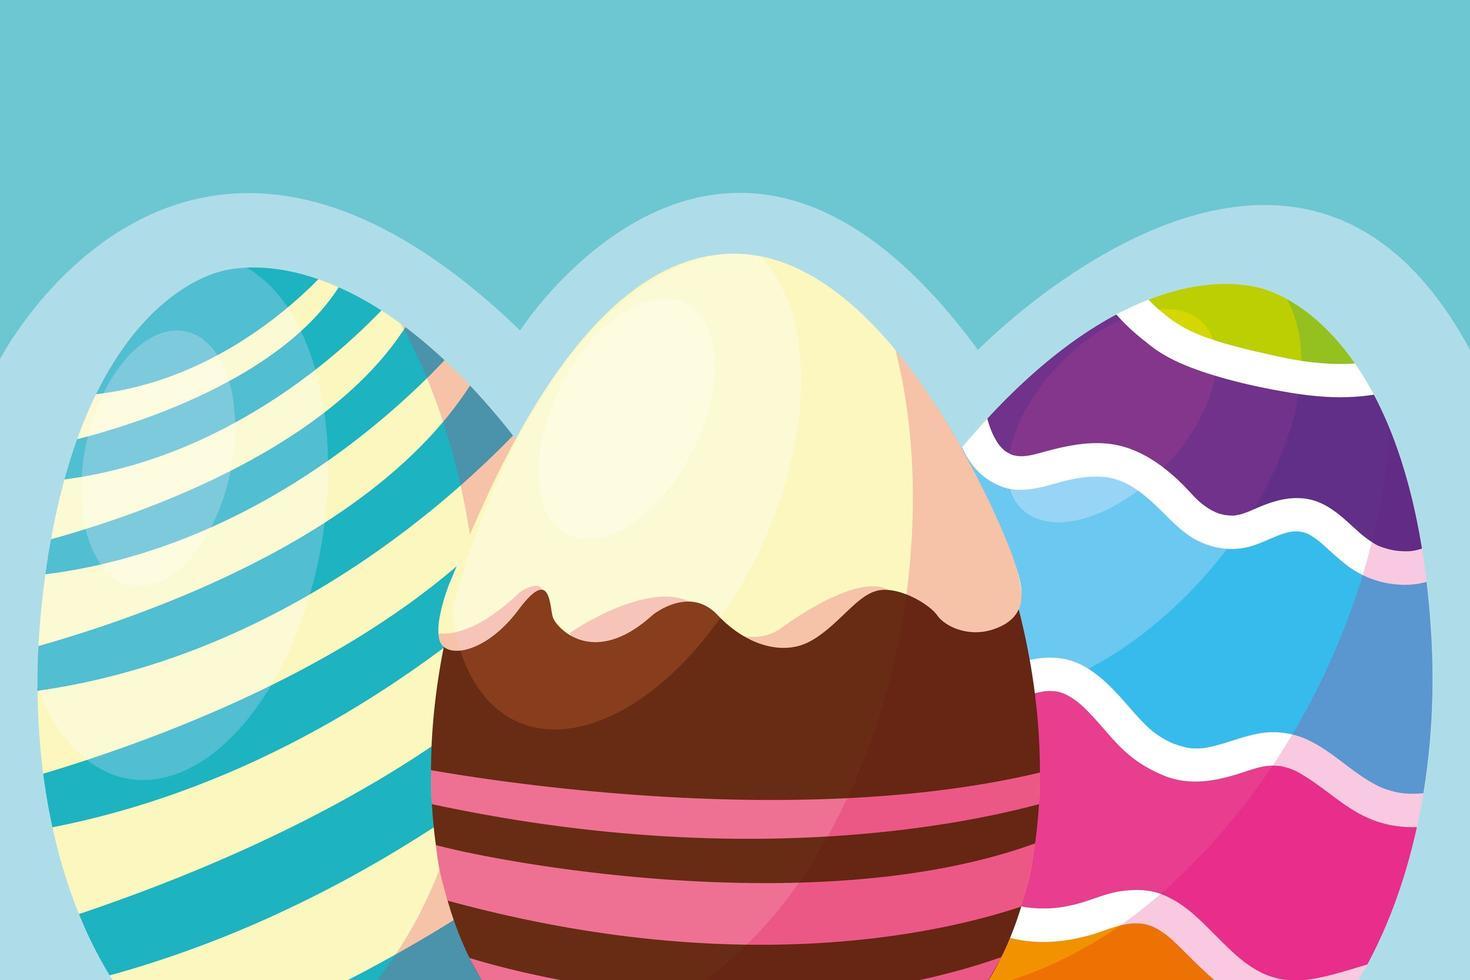 dessins colorés d'oeufs de Pâques décorés vecteur